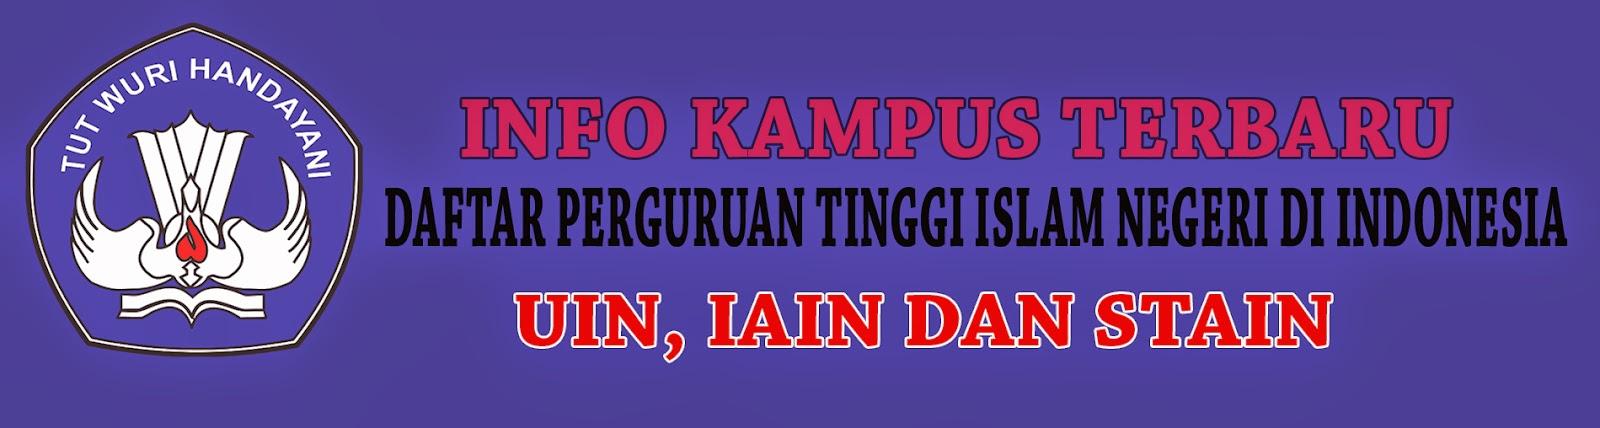 Daftar Lengkap Perguruan Tinggi Islam Negeri Di Indonesia